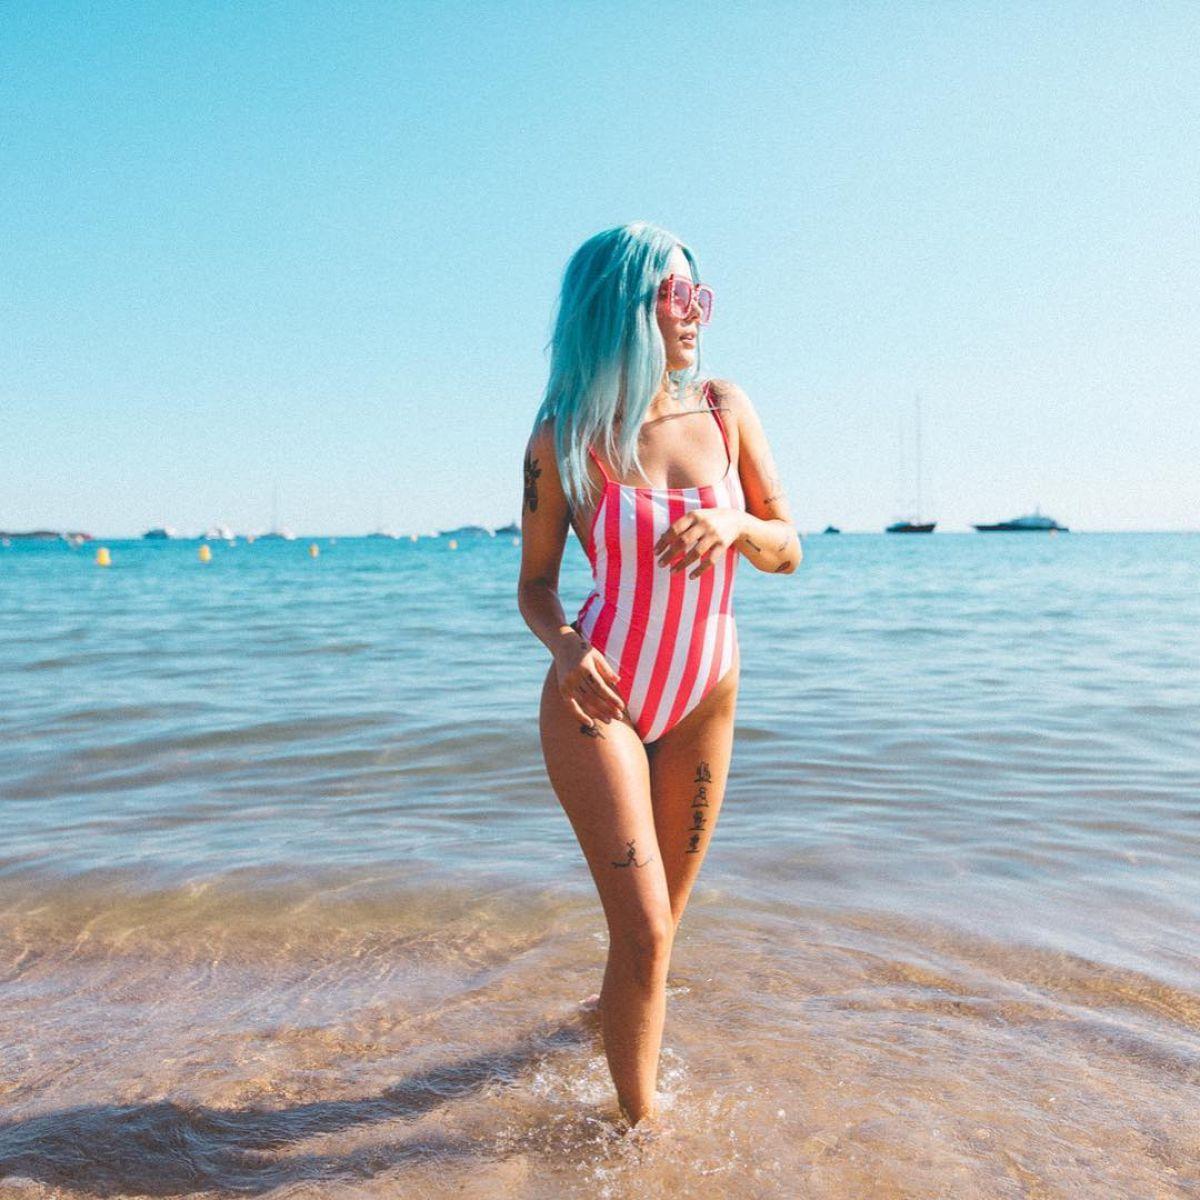 HALSEY in Swimsuit, 06/20/2017 Instagram Pictures